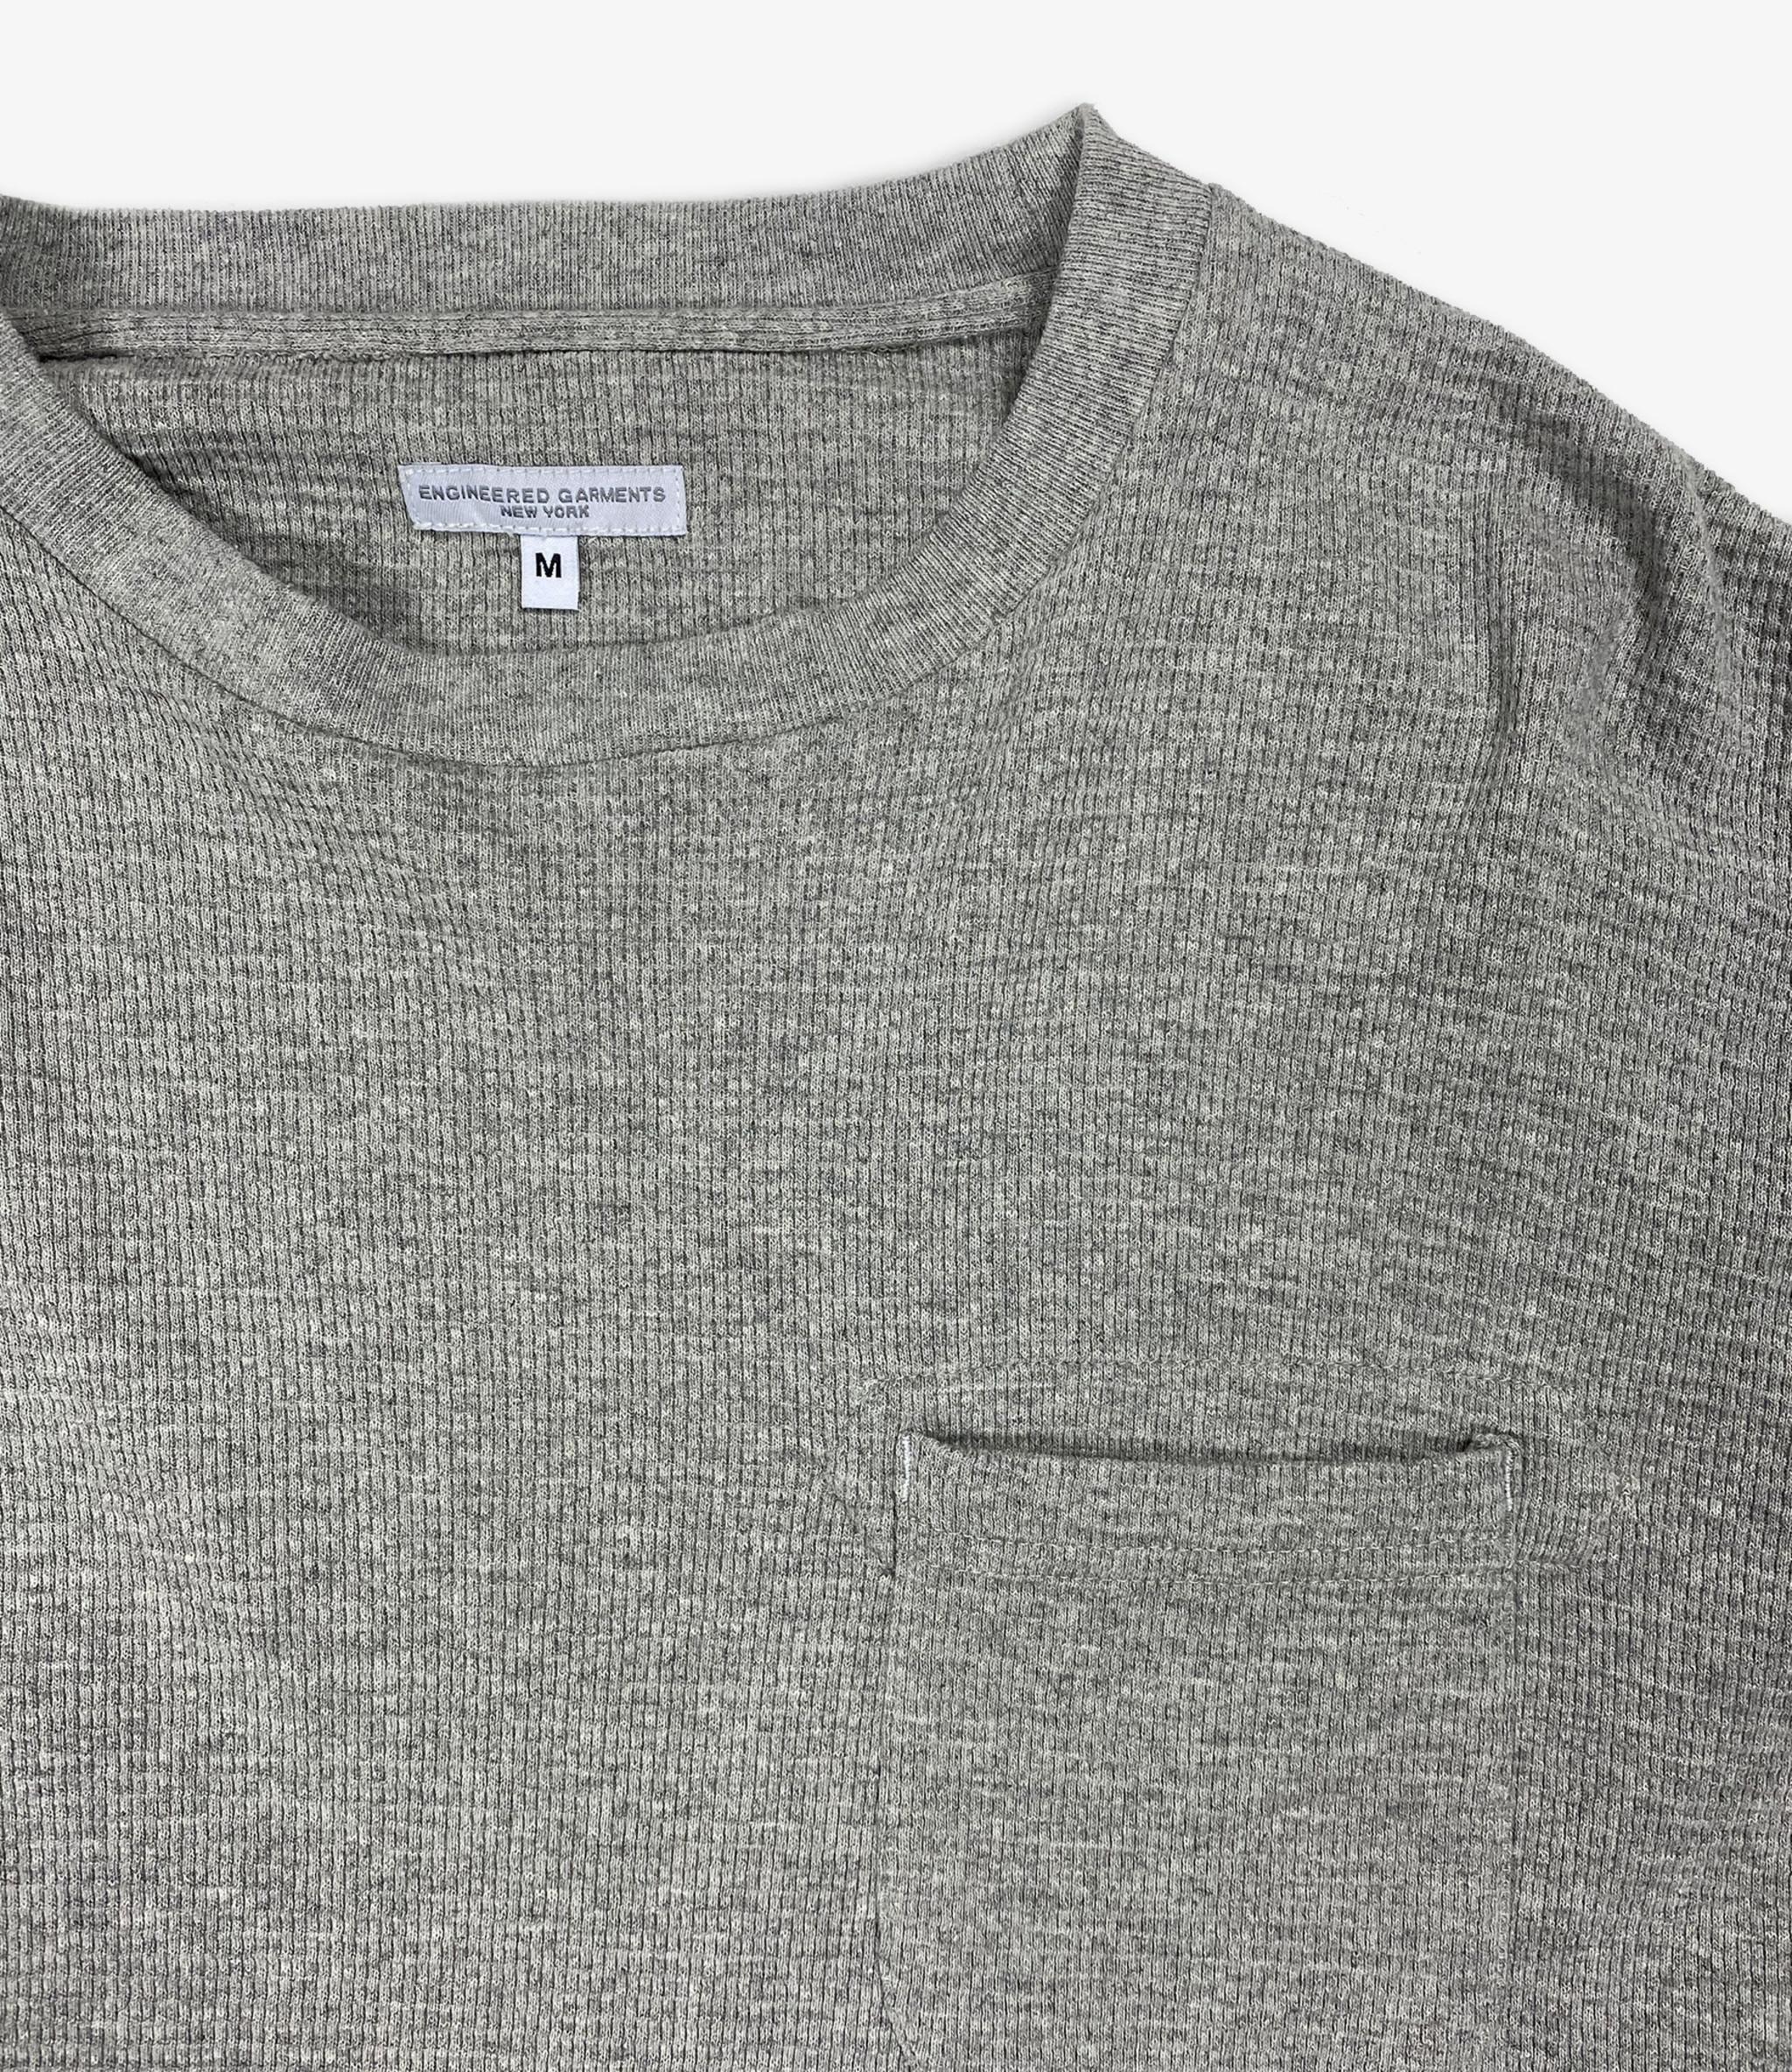 Engineered Garments LS Crewneck Shirt - Grey CP Thermal Knit